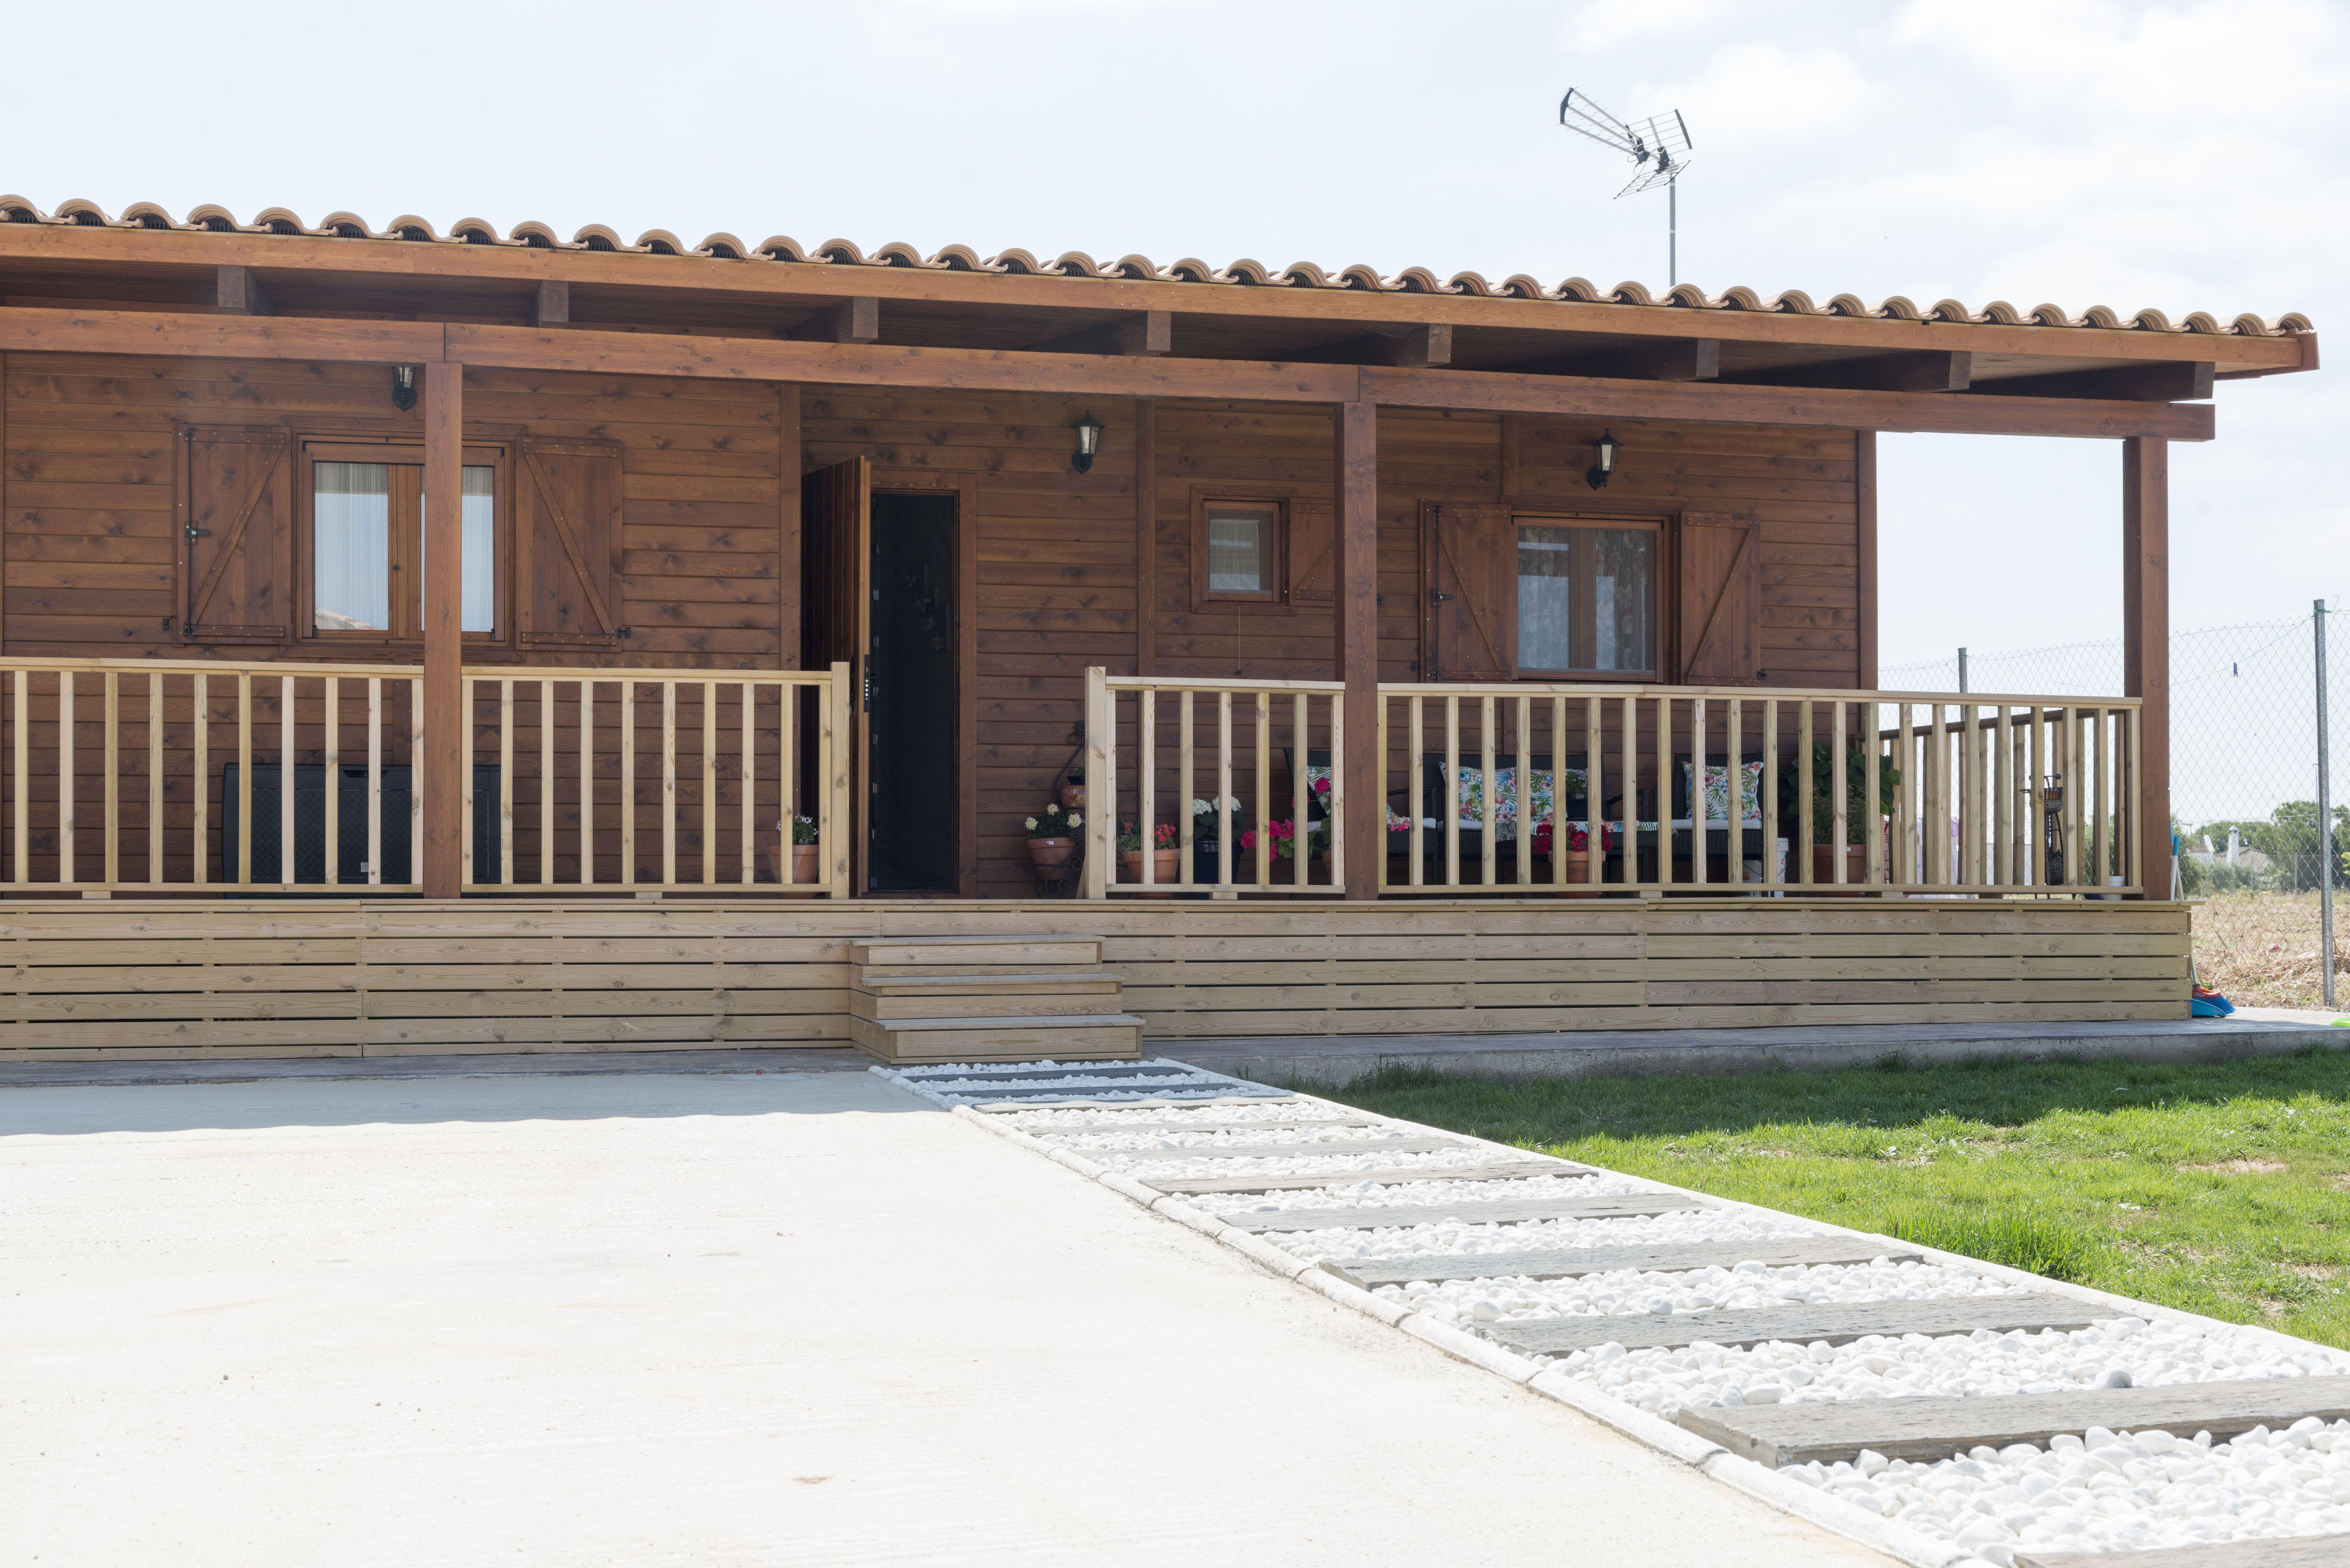 Construcción yventa de casas de madera en Cádiz